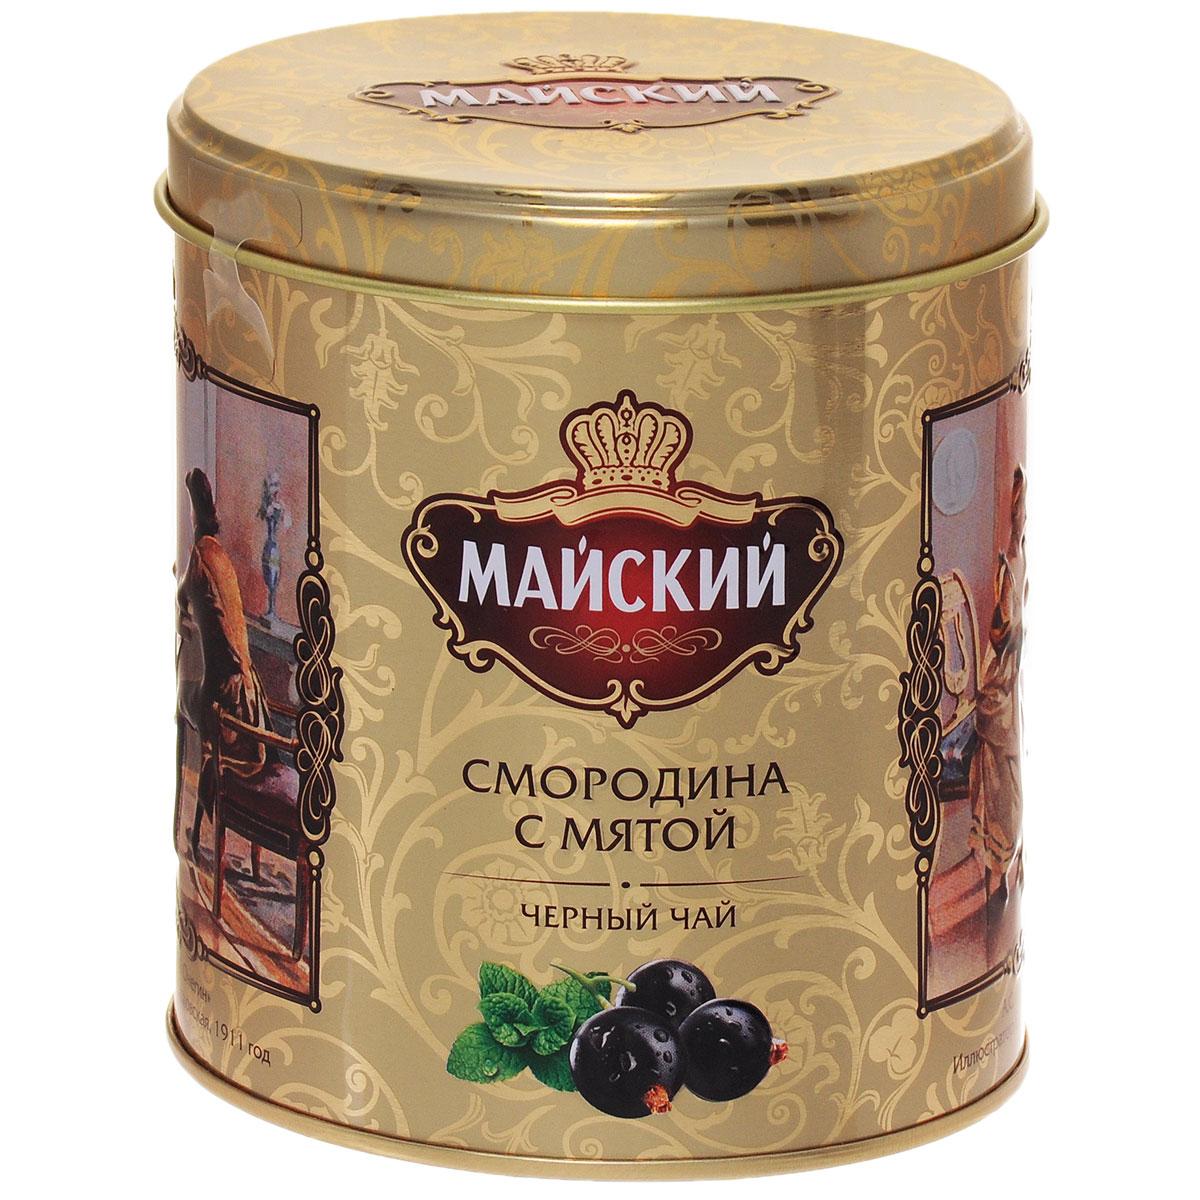 Майский Смородина с мятой черный ароматизированный листовой чай, 90 г0120710Майский Смородина с мятой - это волнующее сочетание вкуса черного чая, сочной спелой смородины и натуральной мяты.